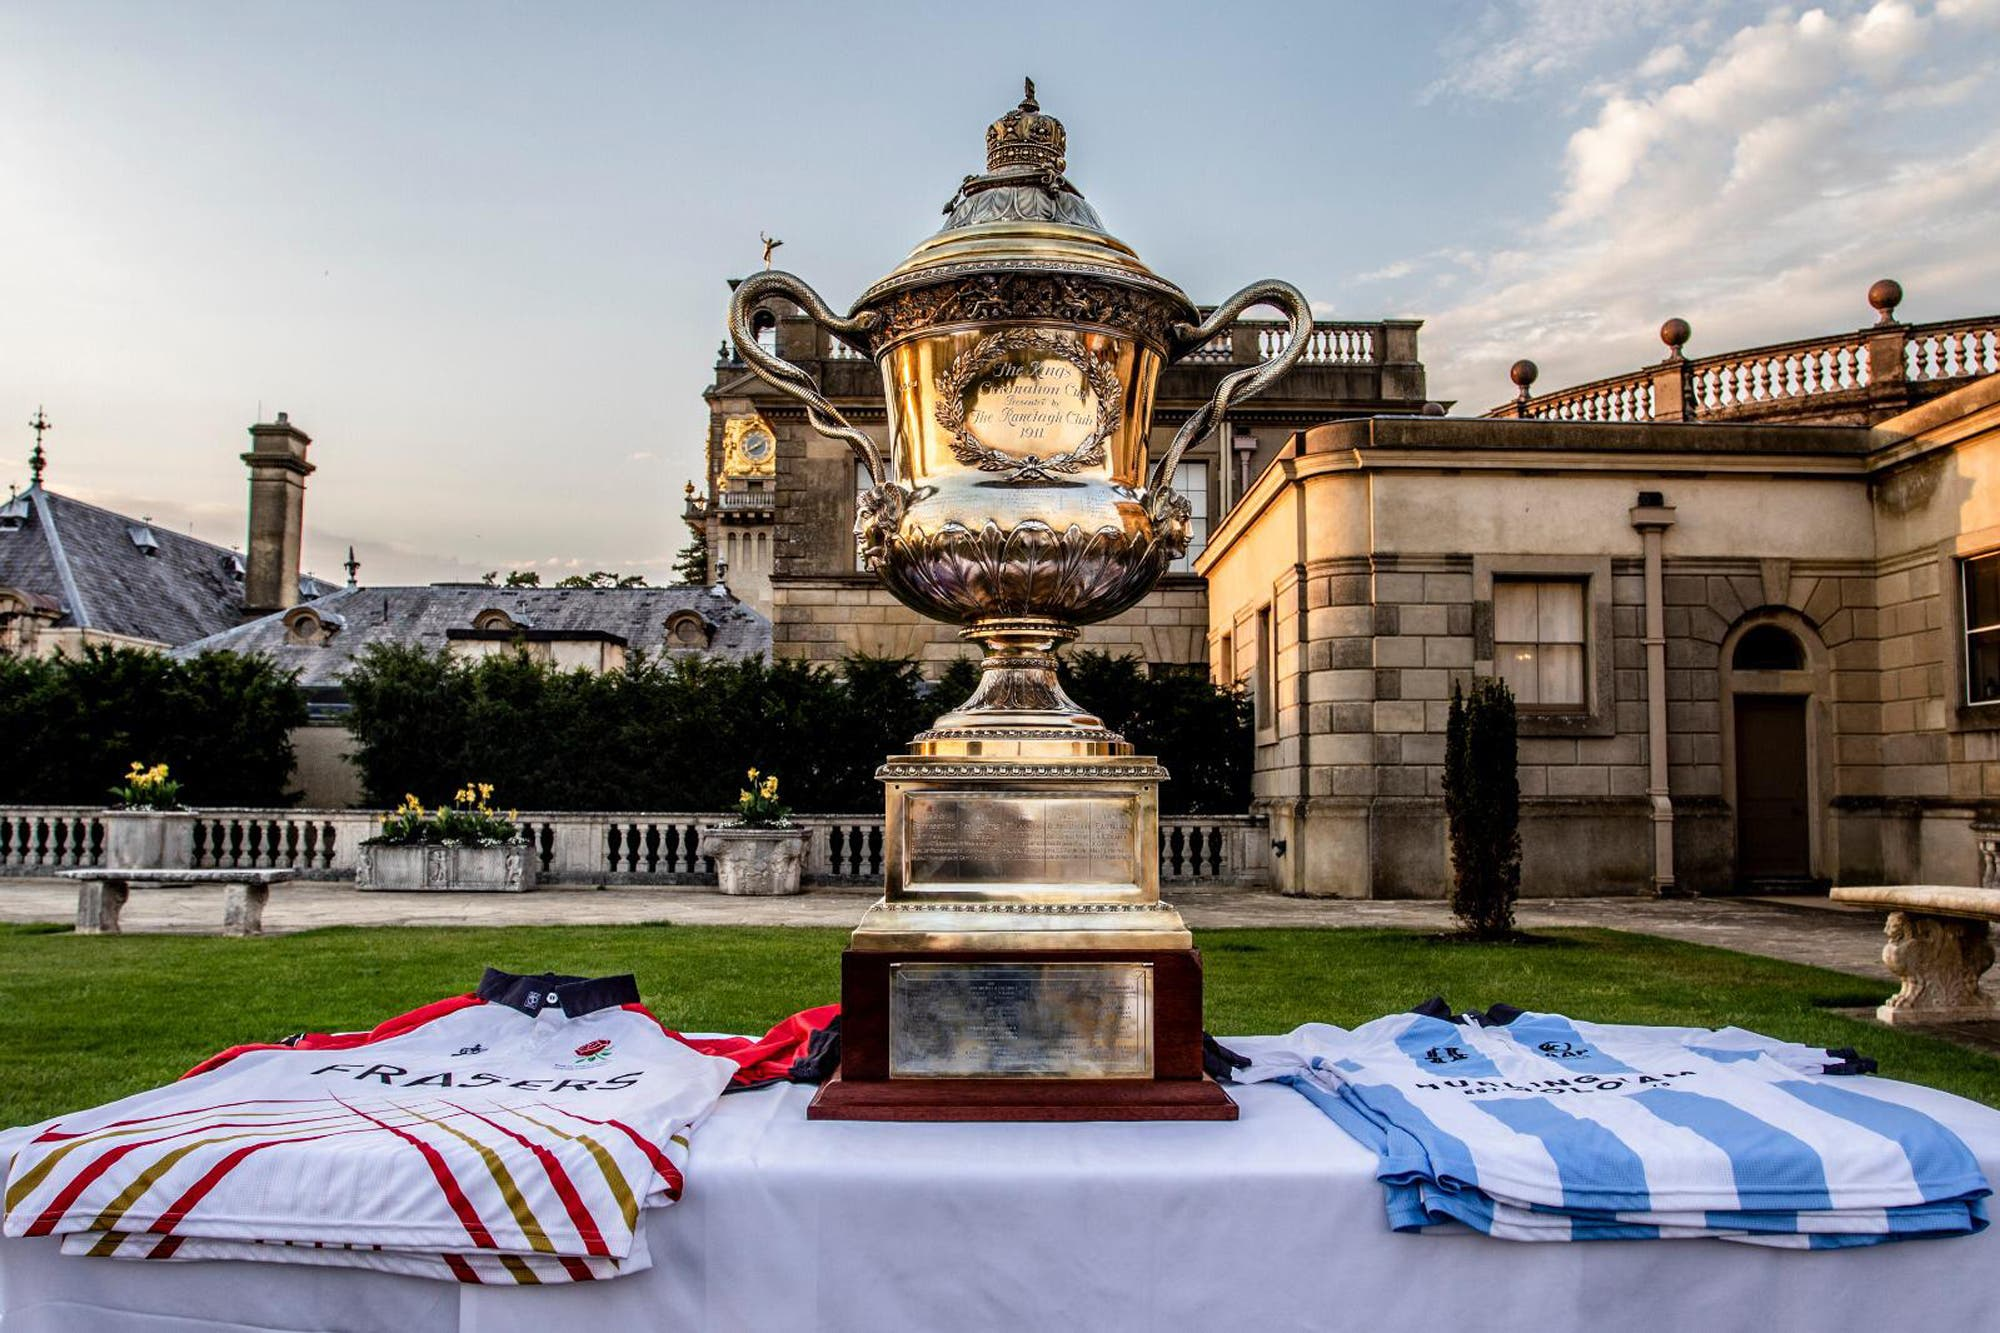 Inglaterra vs. Argentina en polo, con Facundo Pieres y la defensa de un largo invicto